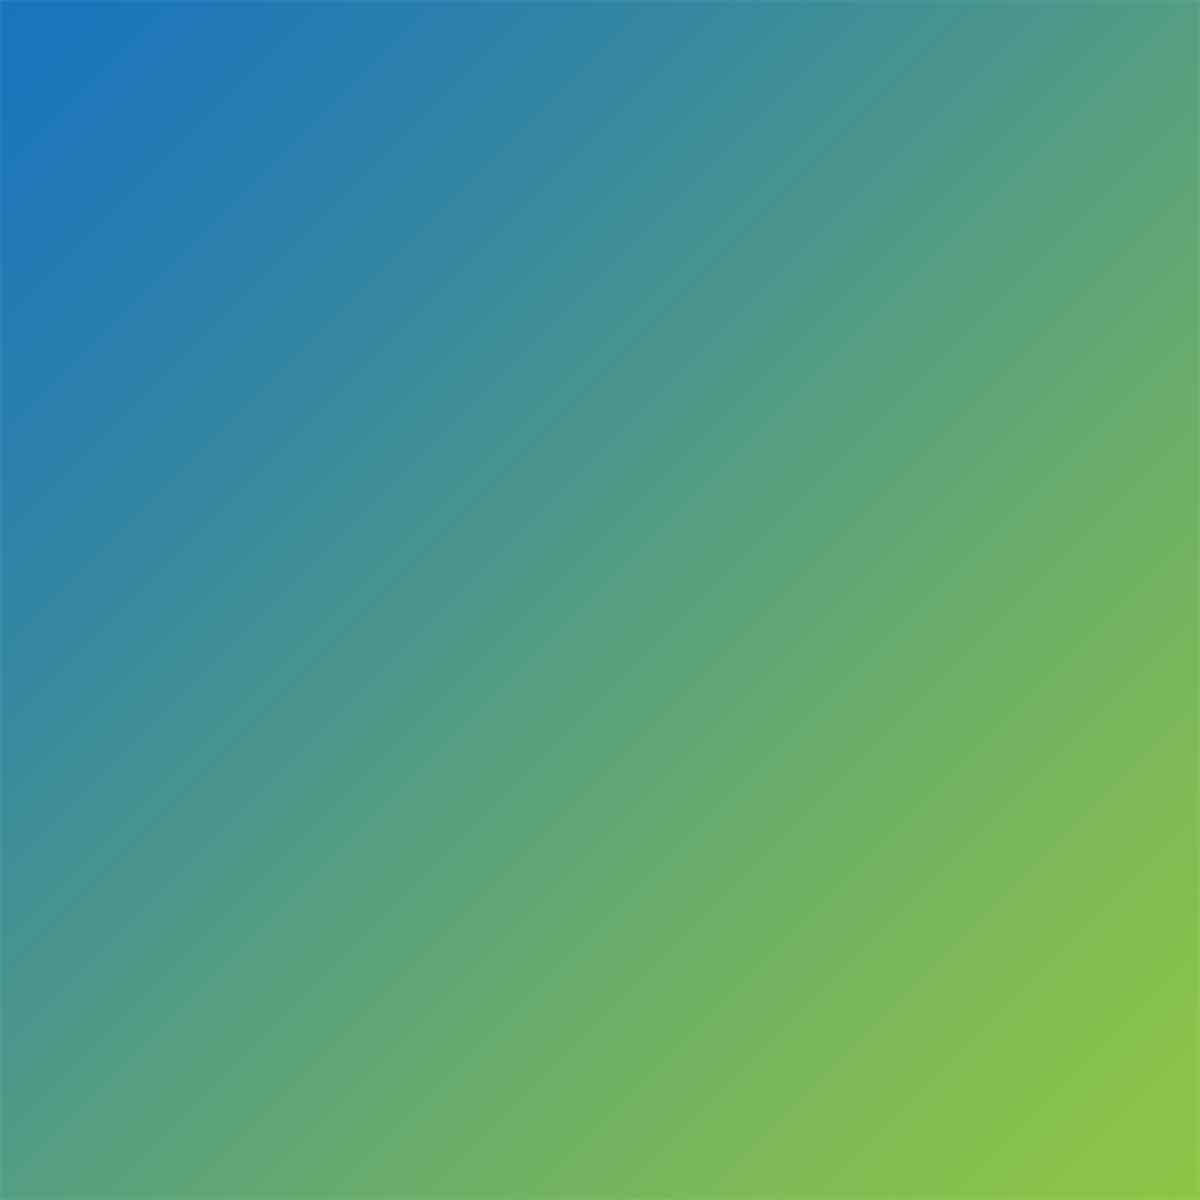 https://www.ayurvedatourindia.com/wp-content/uploads/2018/09/bgn-image-box-gradient.jpg